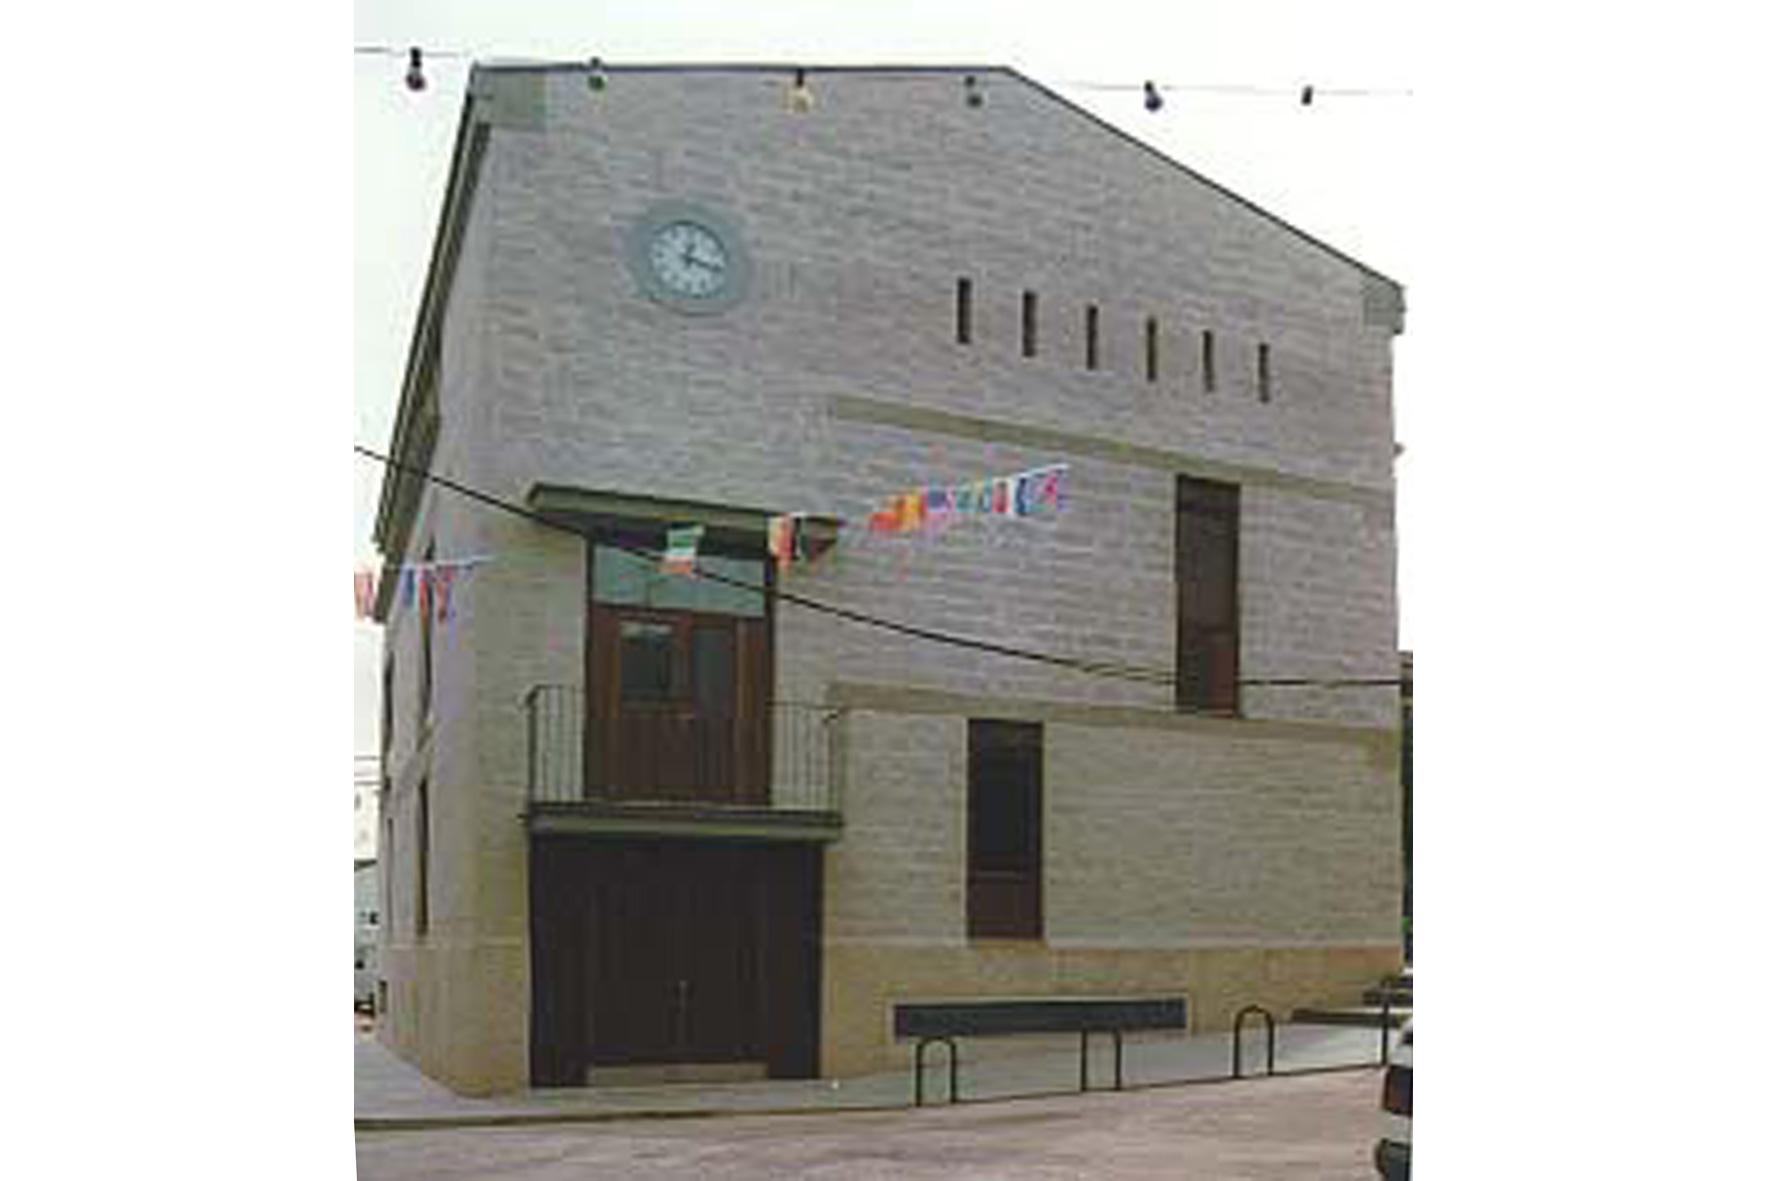 1992-1996 Pelayos de la Presa Town Hall, Madrid